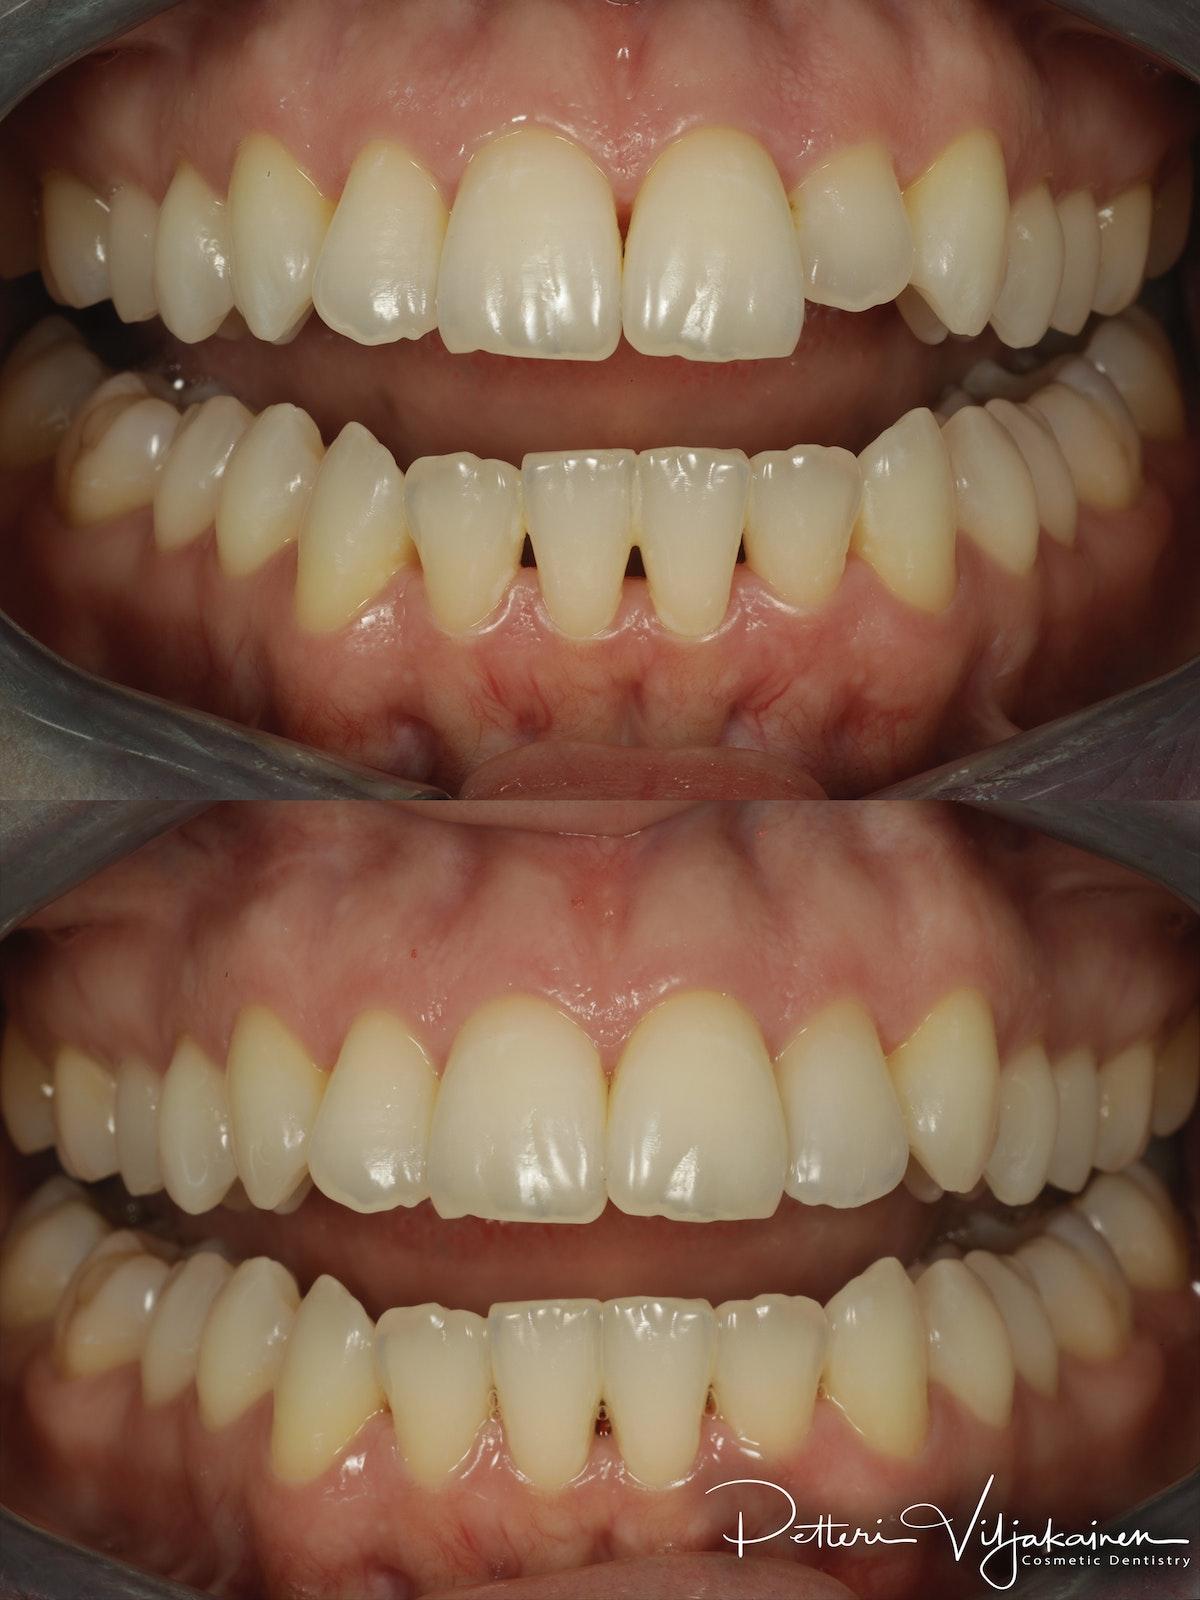 Esteettinen hammashoito ennen jälkeen. Yksittäinen keraaminen kuori eli hammaslaminaatti reunimmaisessa yläetuhampaassa.